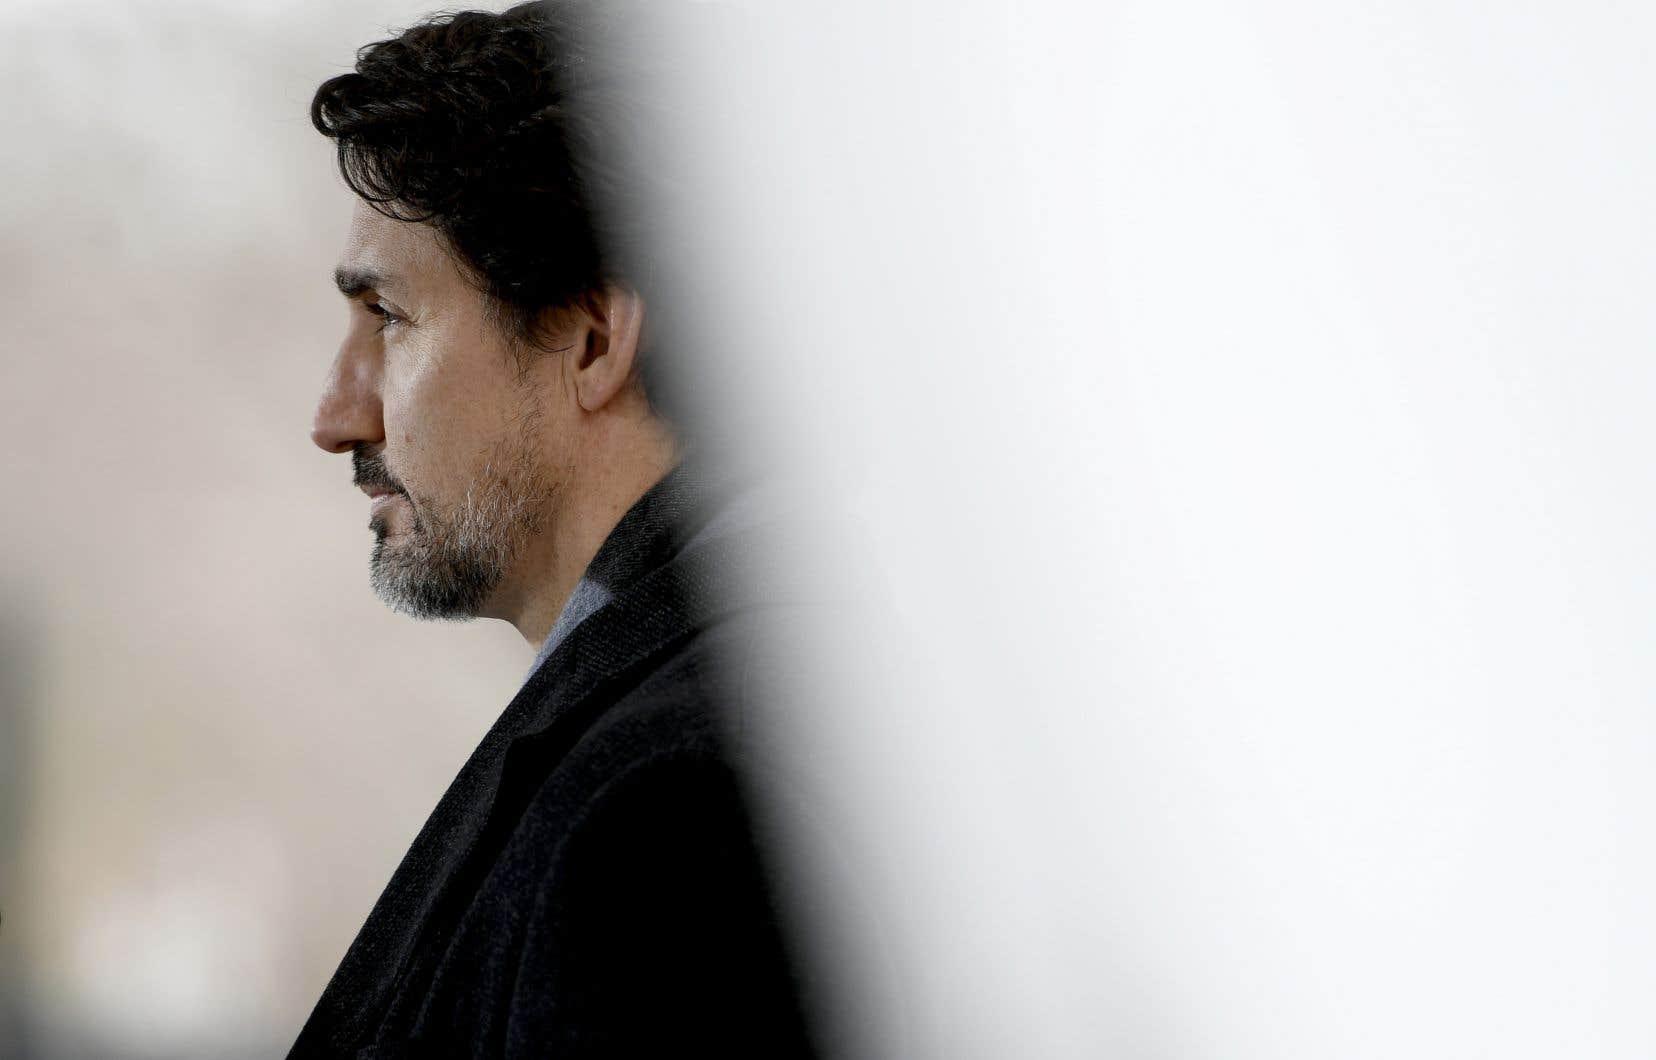 «On observera sans doute une remontée de la confiance envers la sphère politique, très malmenée ces dernières années, au Québec comme ailleurs dans le monde démocratique», dit l'auteur.